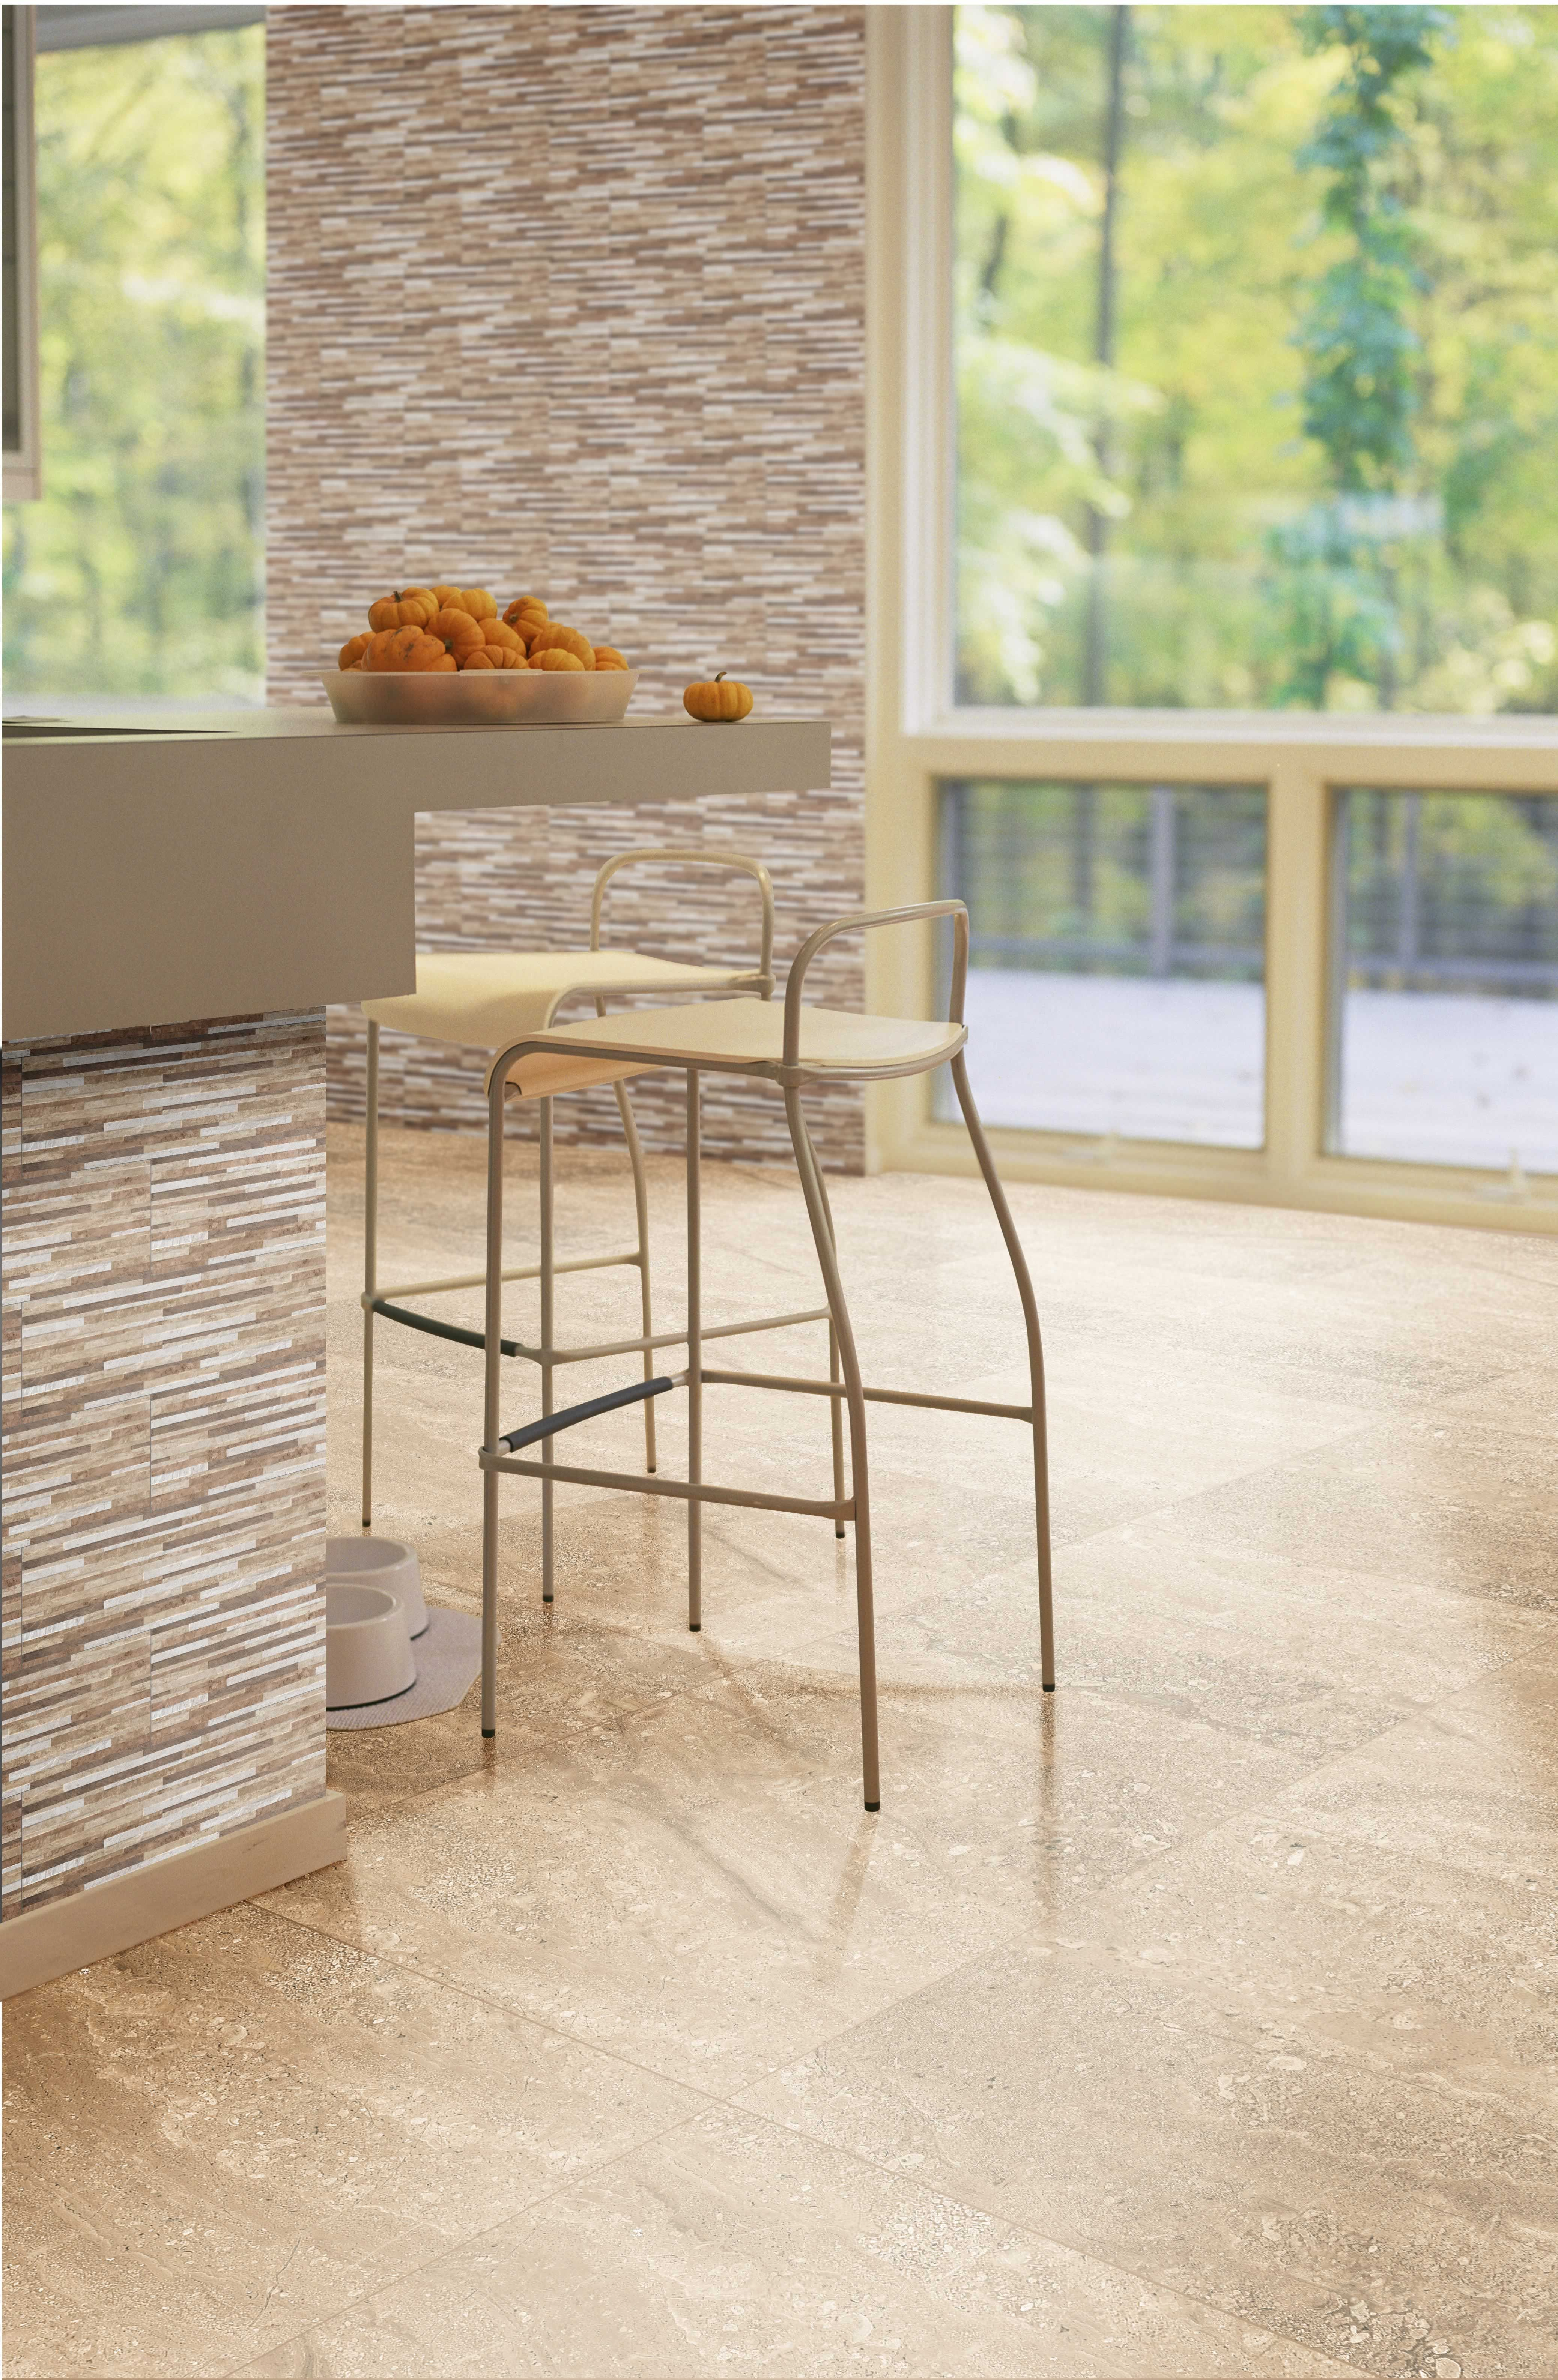 Espacios limpios frescos y modernos combiando pisos y paredes en tonos naturales pisos - Pisos modernos ...